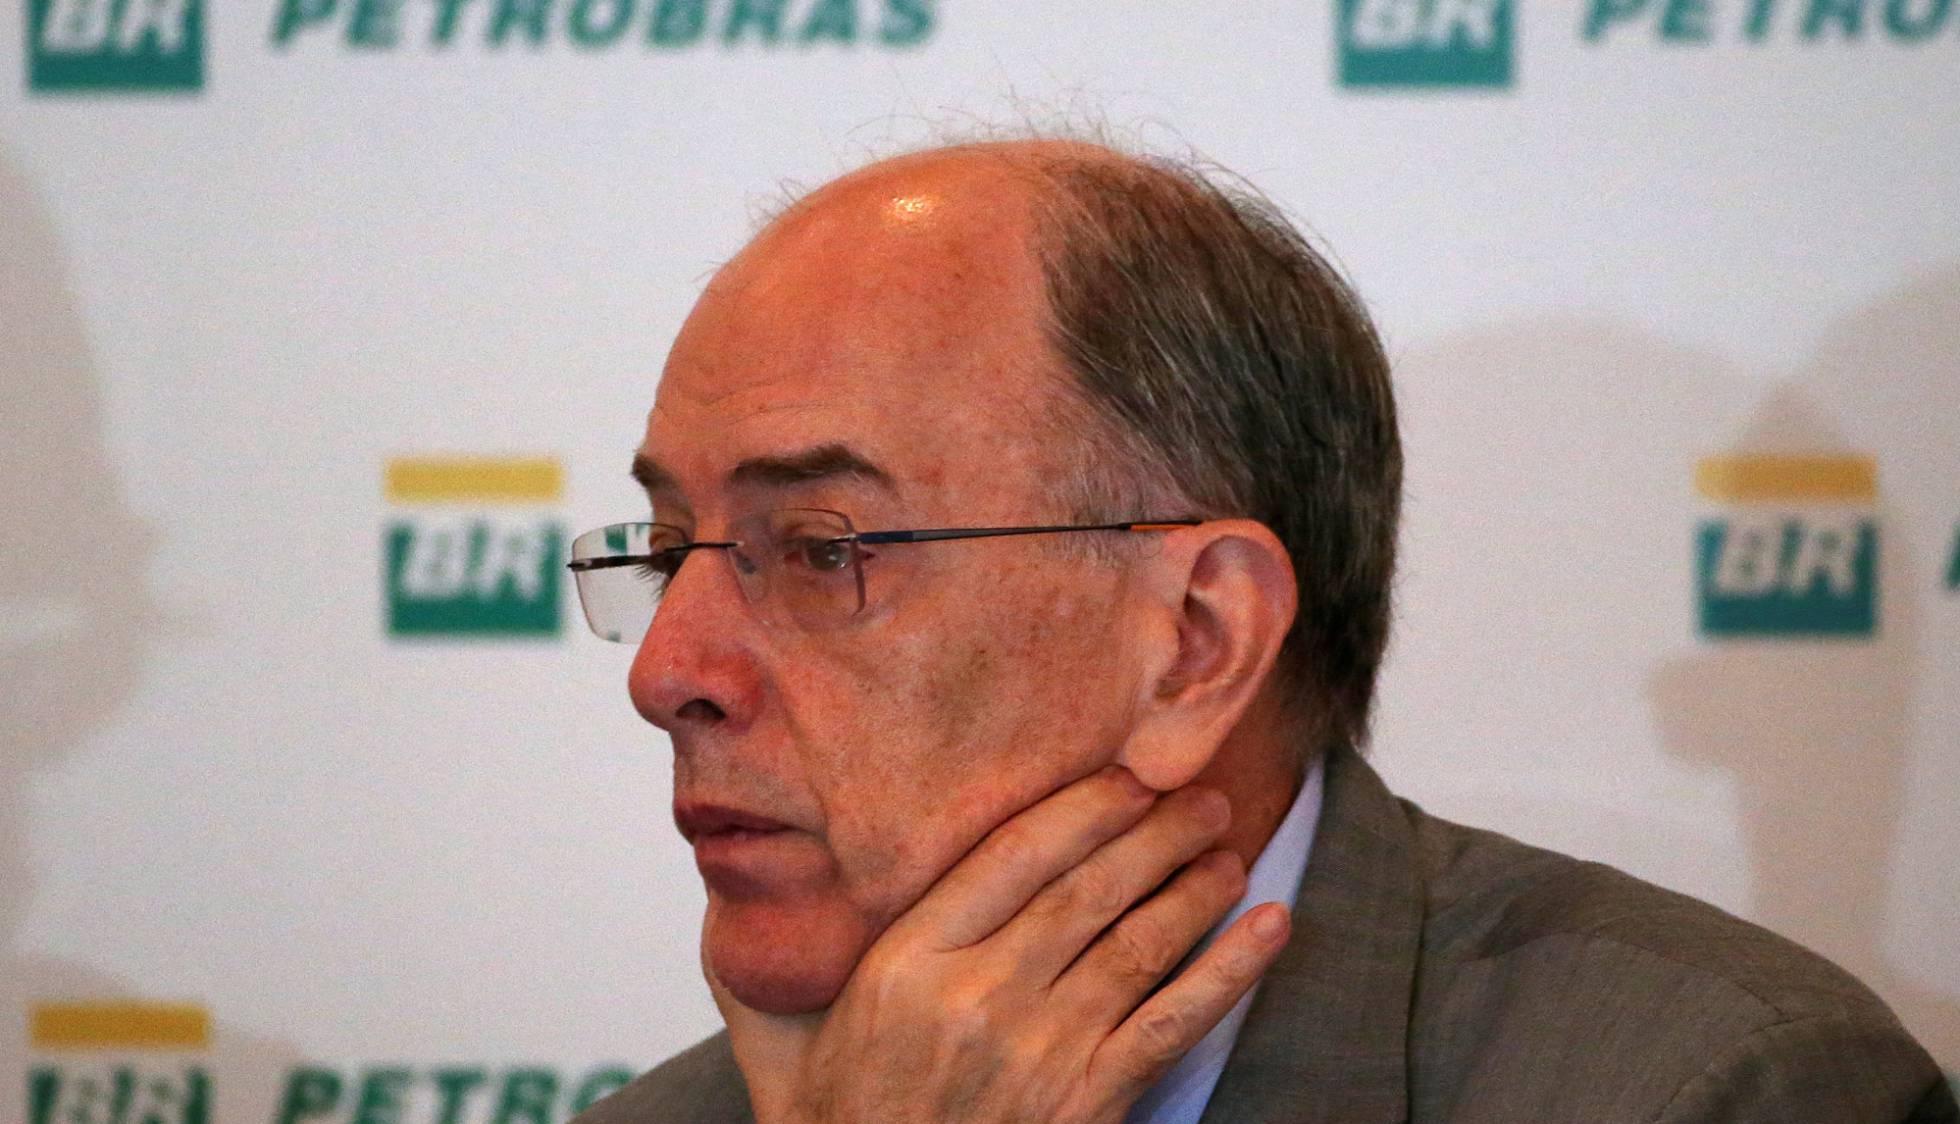 Dimite presidente de Petrobras, tras presión y huelgas en Brasil